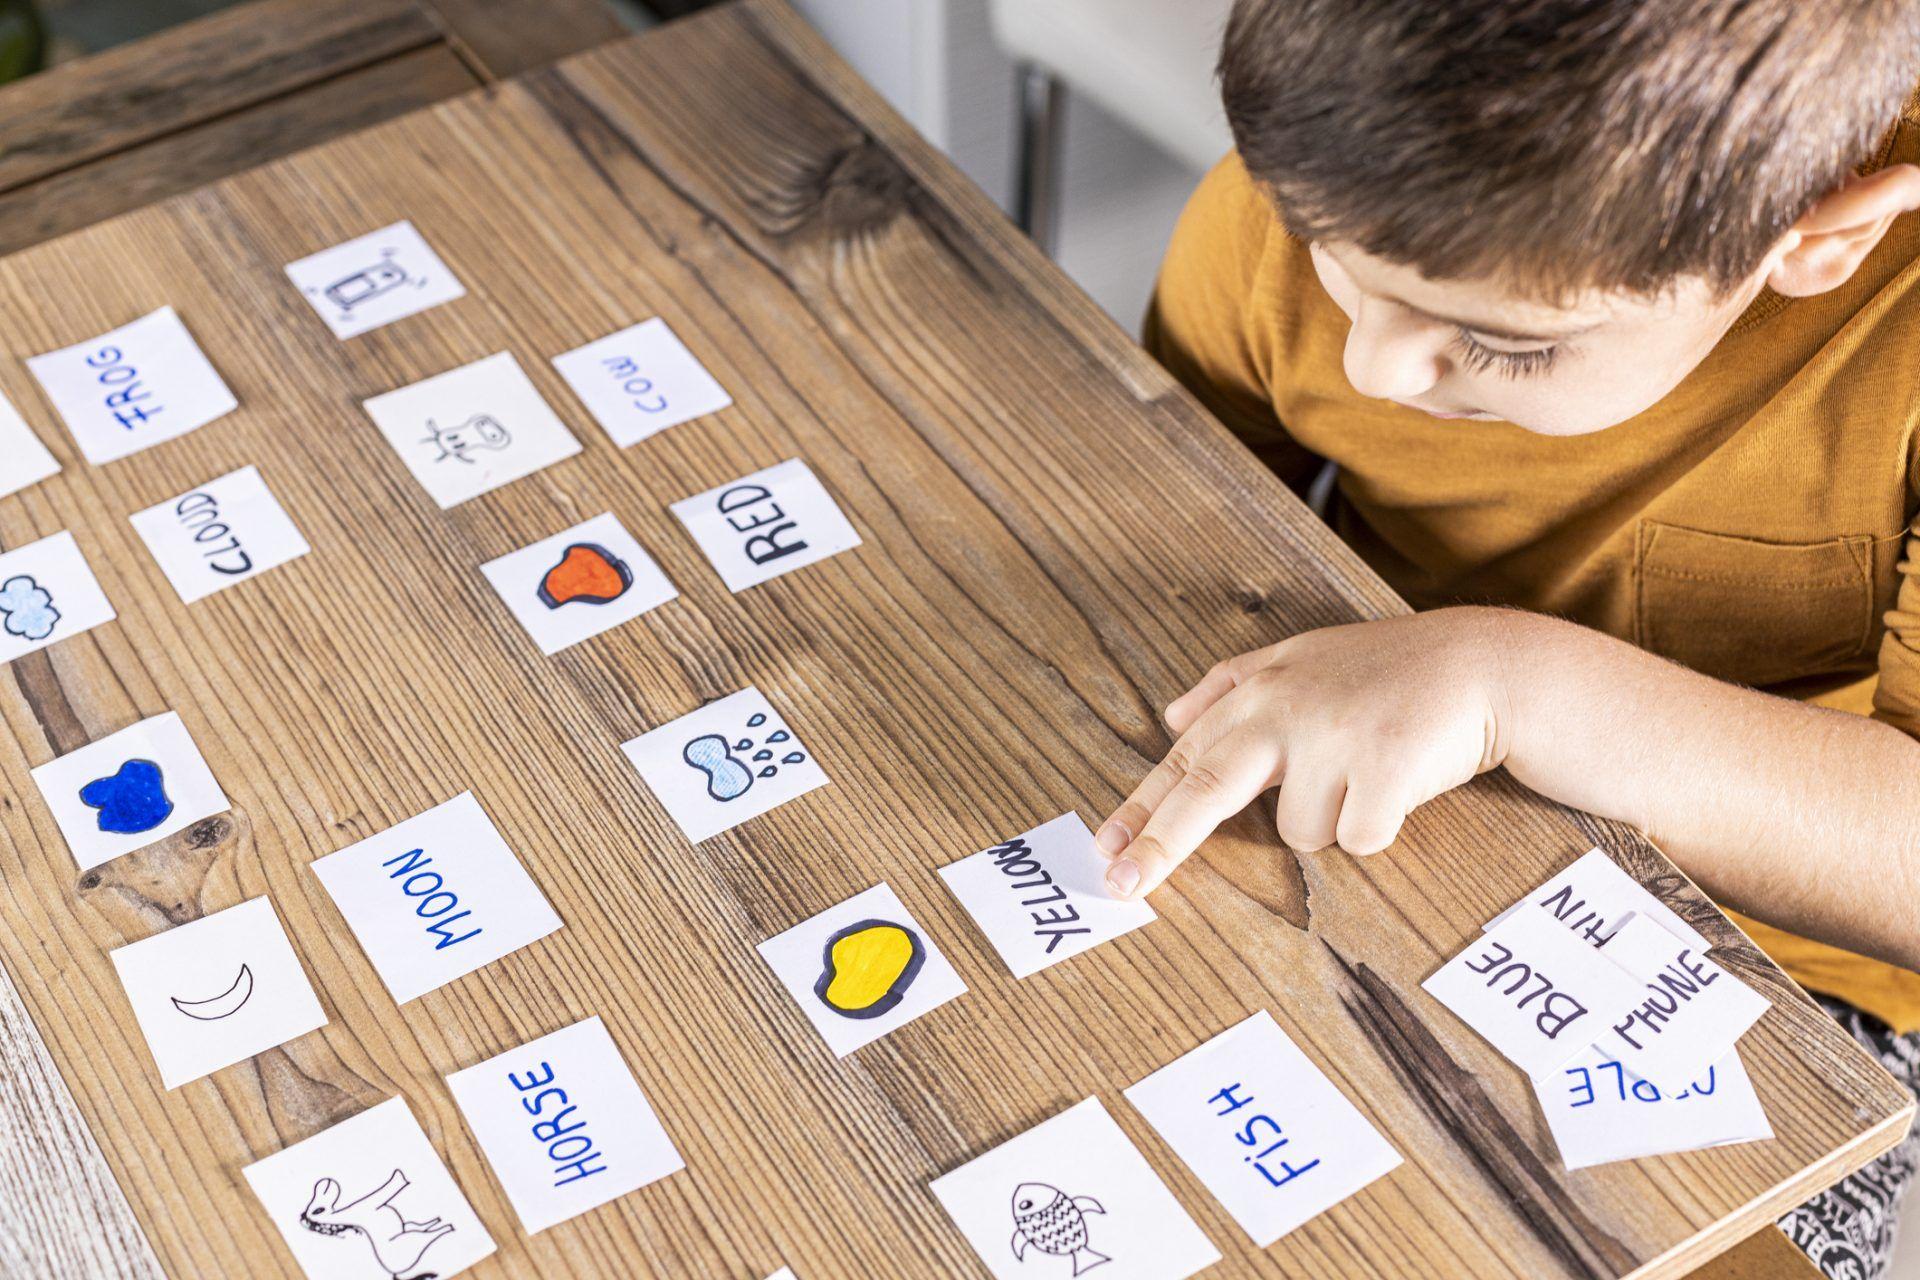 Claves para detectar el TDA durante la infancia